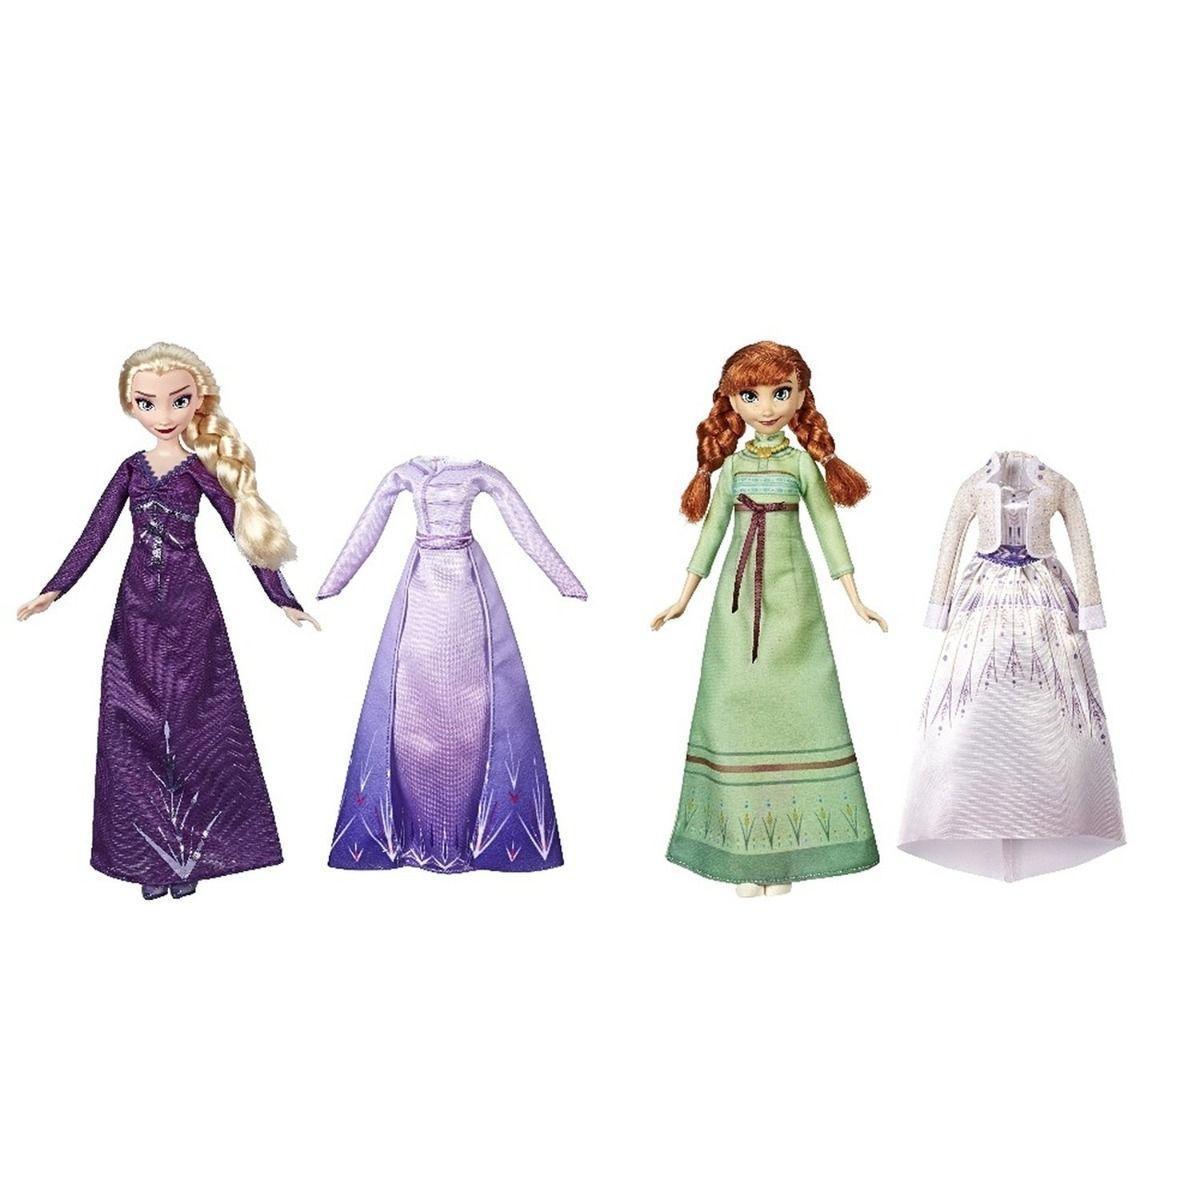 Кукла Холодное сердце 2 Disney Frozen с дополнительными нарядами - фото 1